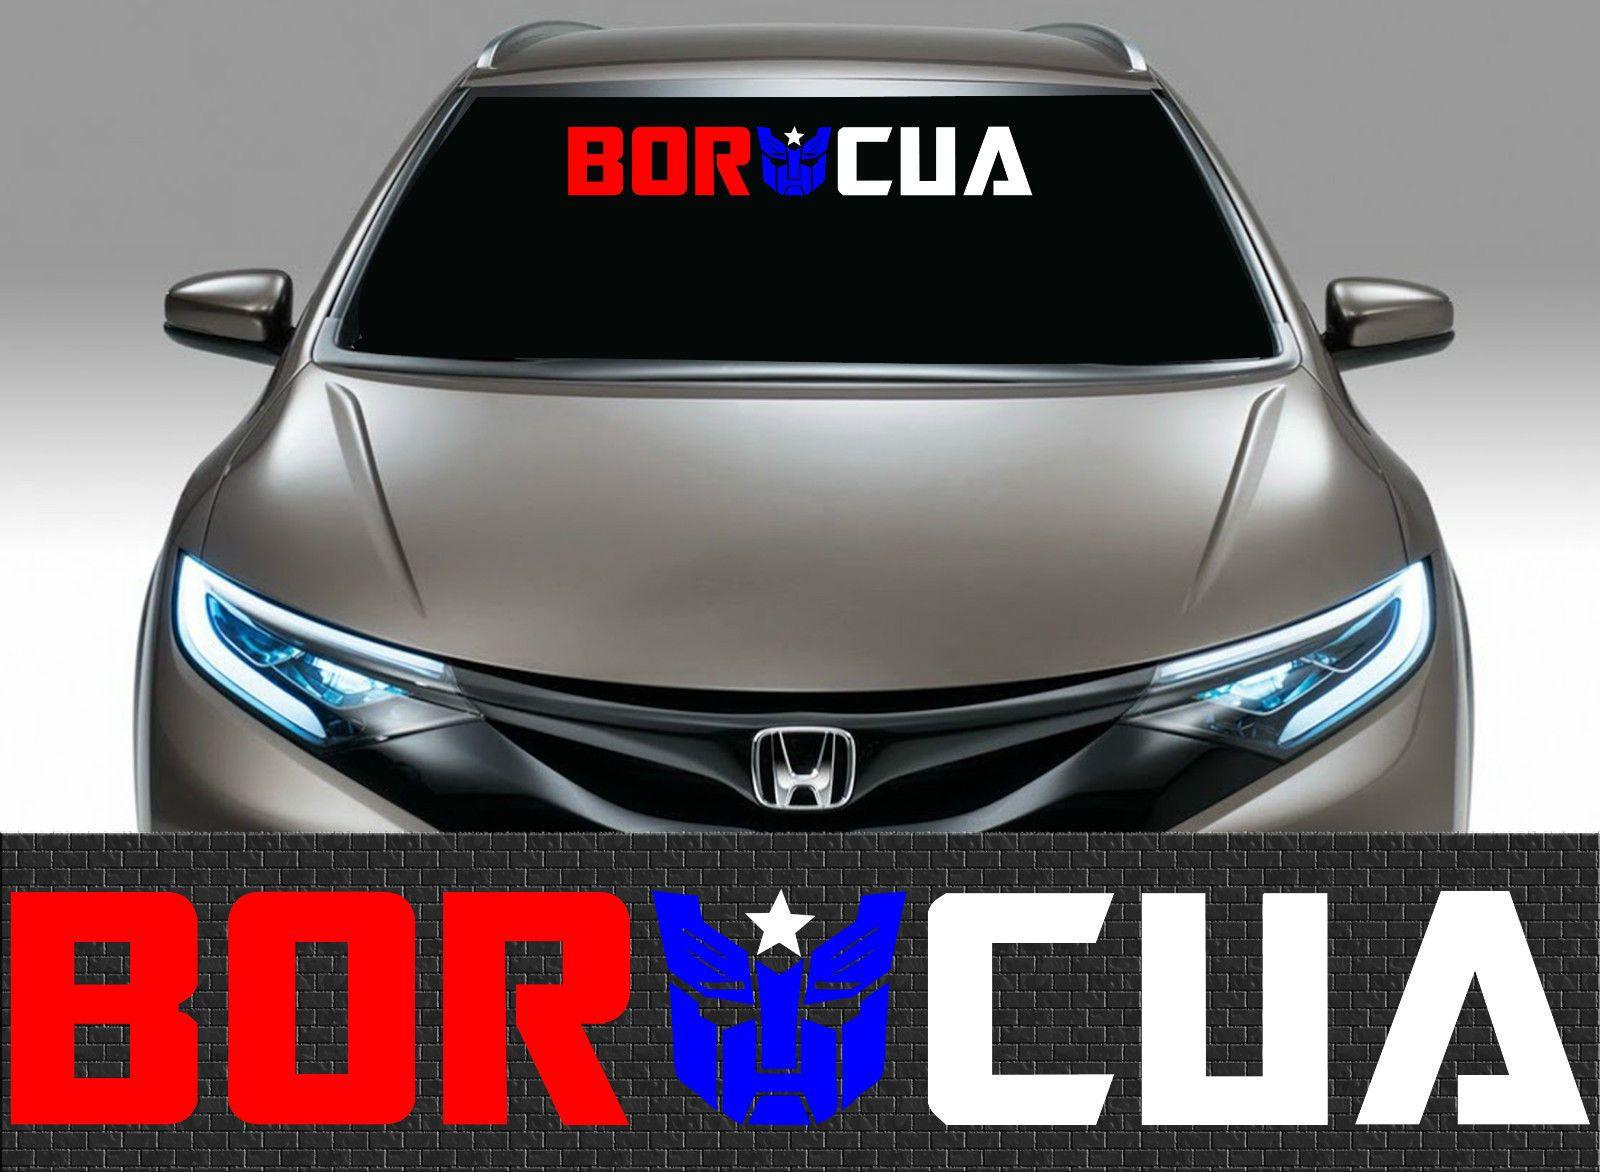 1 puerto rico puerto rican flag car decal vinyl stickers boricua 1691 ebay